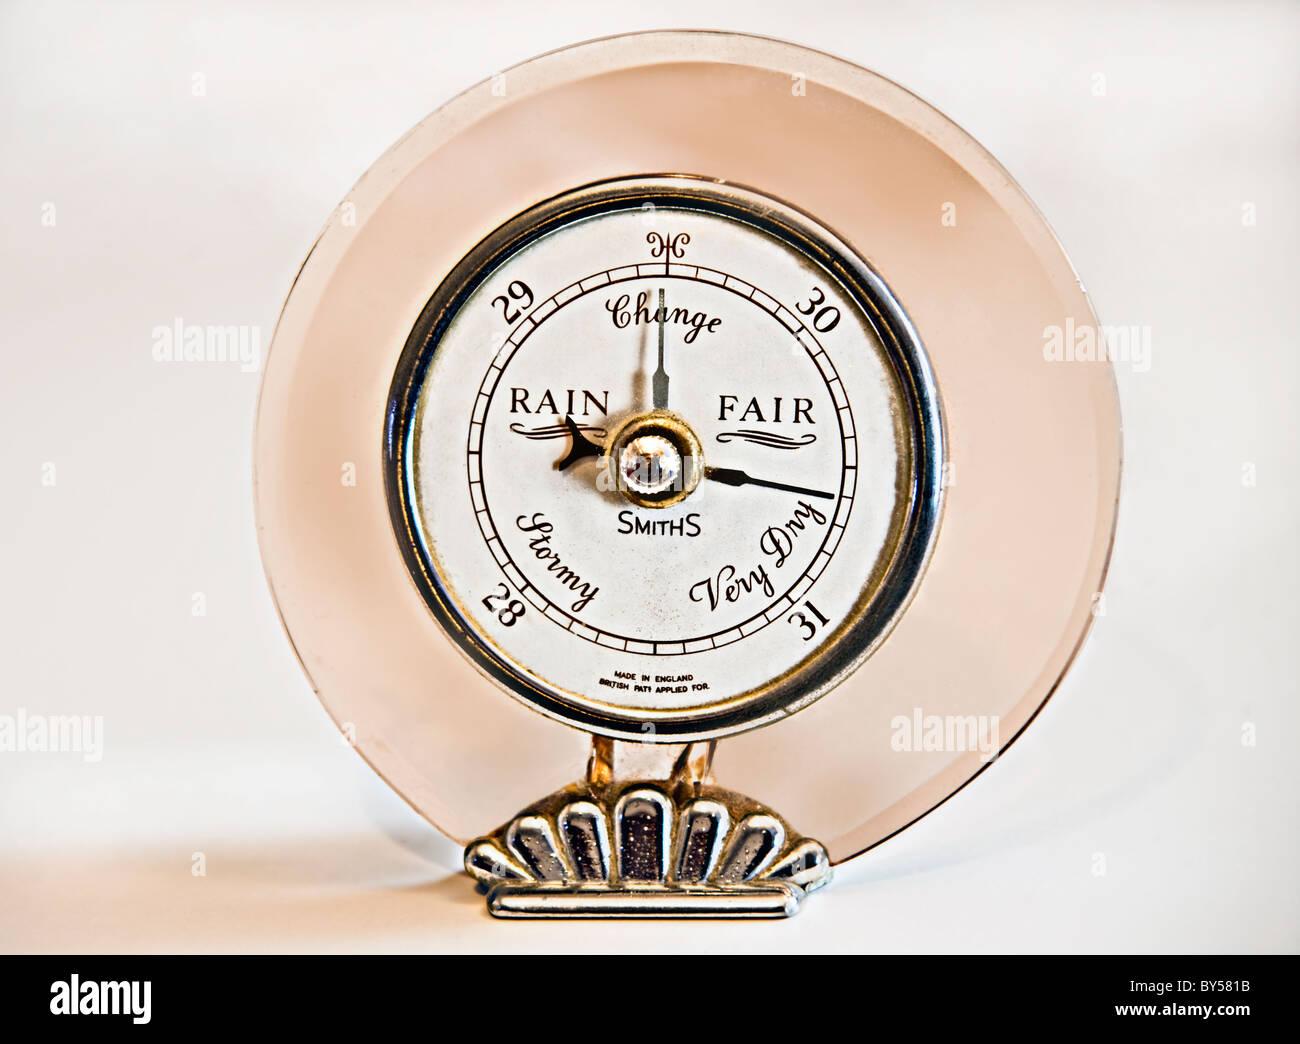 Barometer vintage old weather measurement pressure - Stock Image